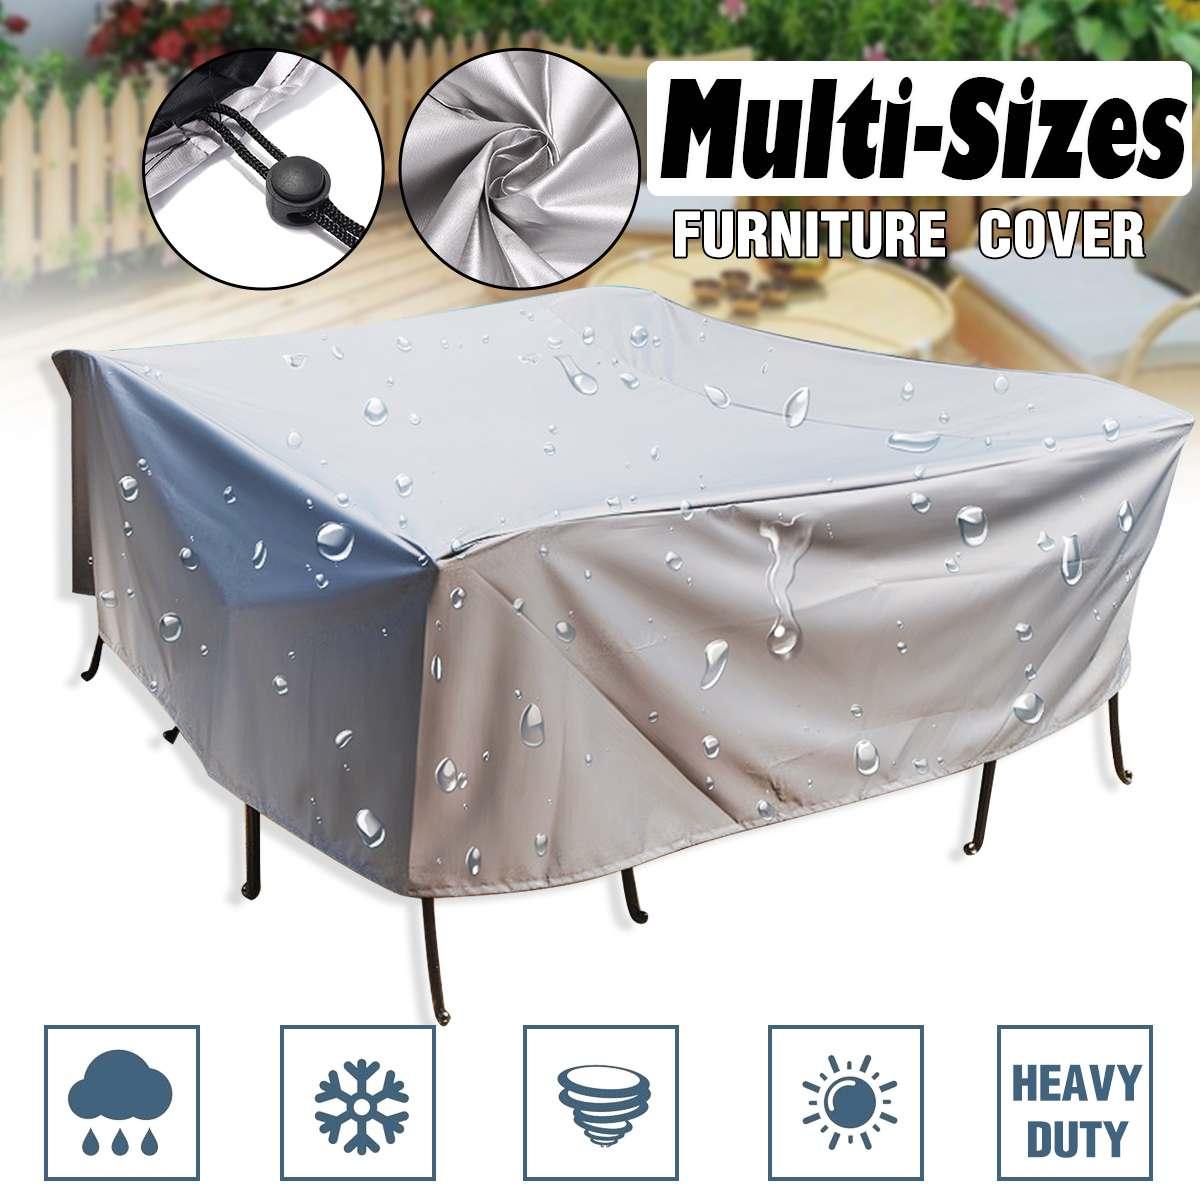 Silla de jardín exterior cubierta de muebles de exterior cubierta de polvo sofá impermeable revestimiento de PVC cubierta de tela cubierta de muebles de terraza